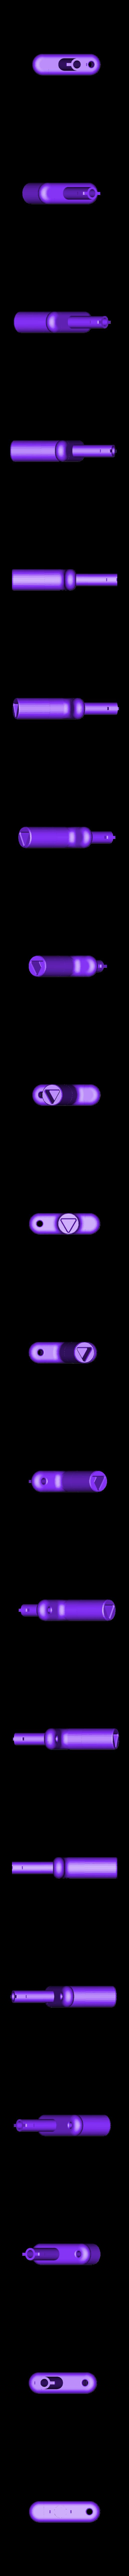 clé poubelle x2 v final.stl Télécharger fichier STL Clé poubelle,conteneur déchetterie, armoire électrique • Design pour impression 3D, guimt09